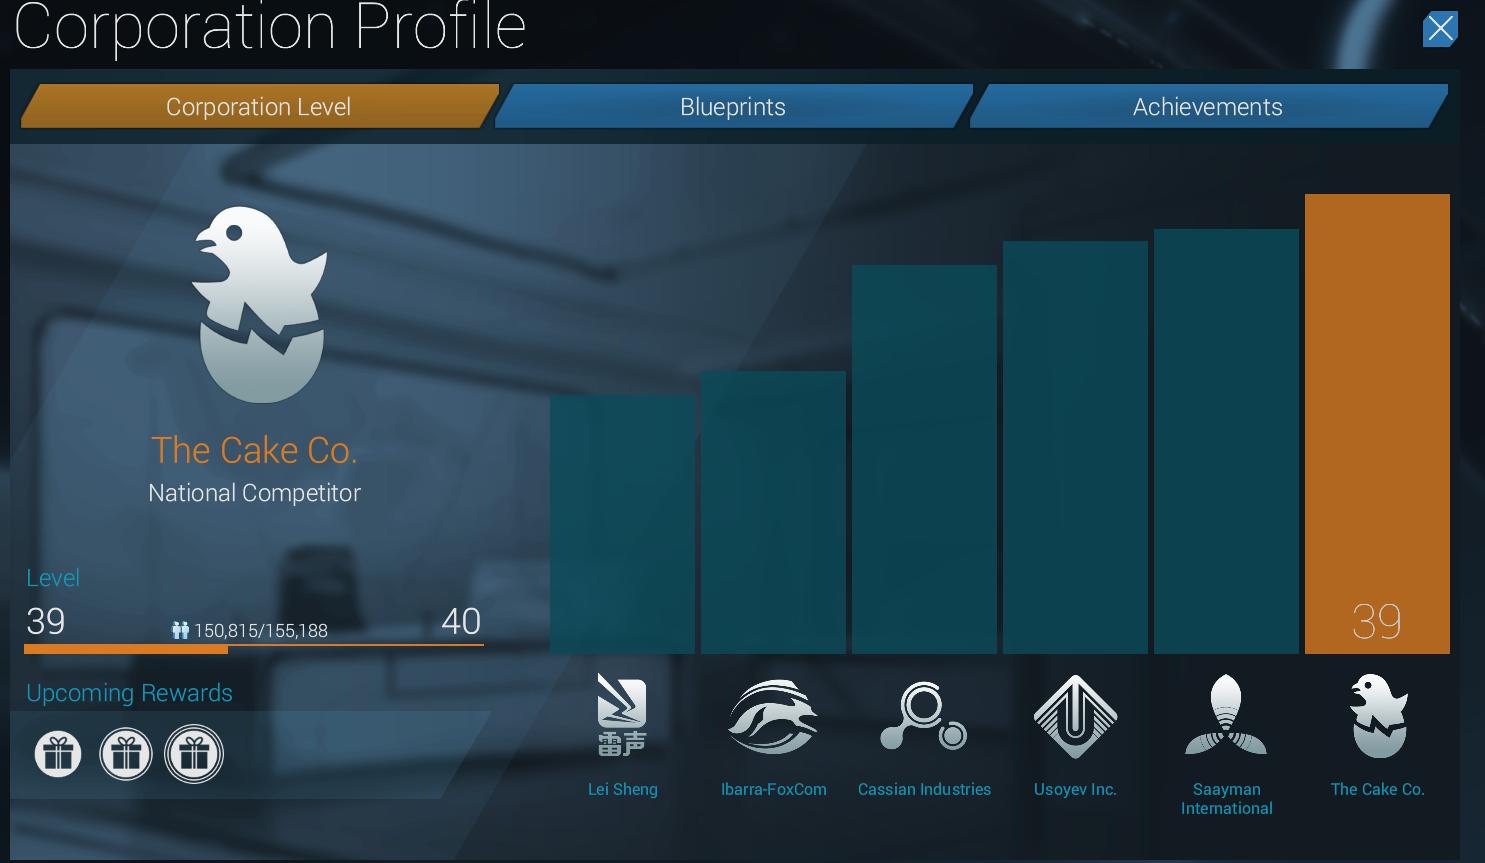 anno 1404 profile